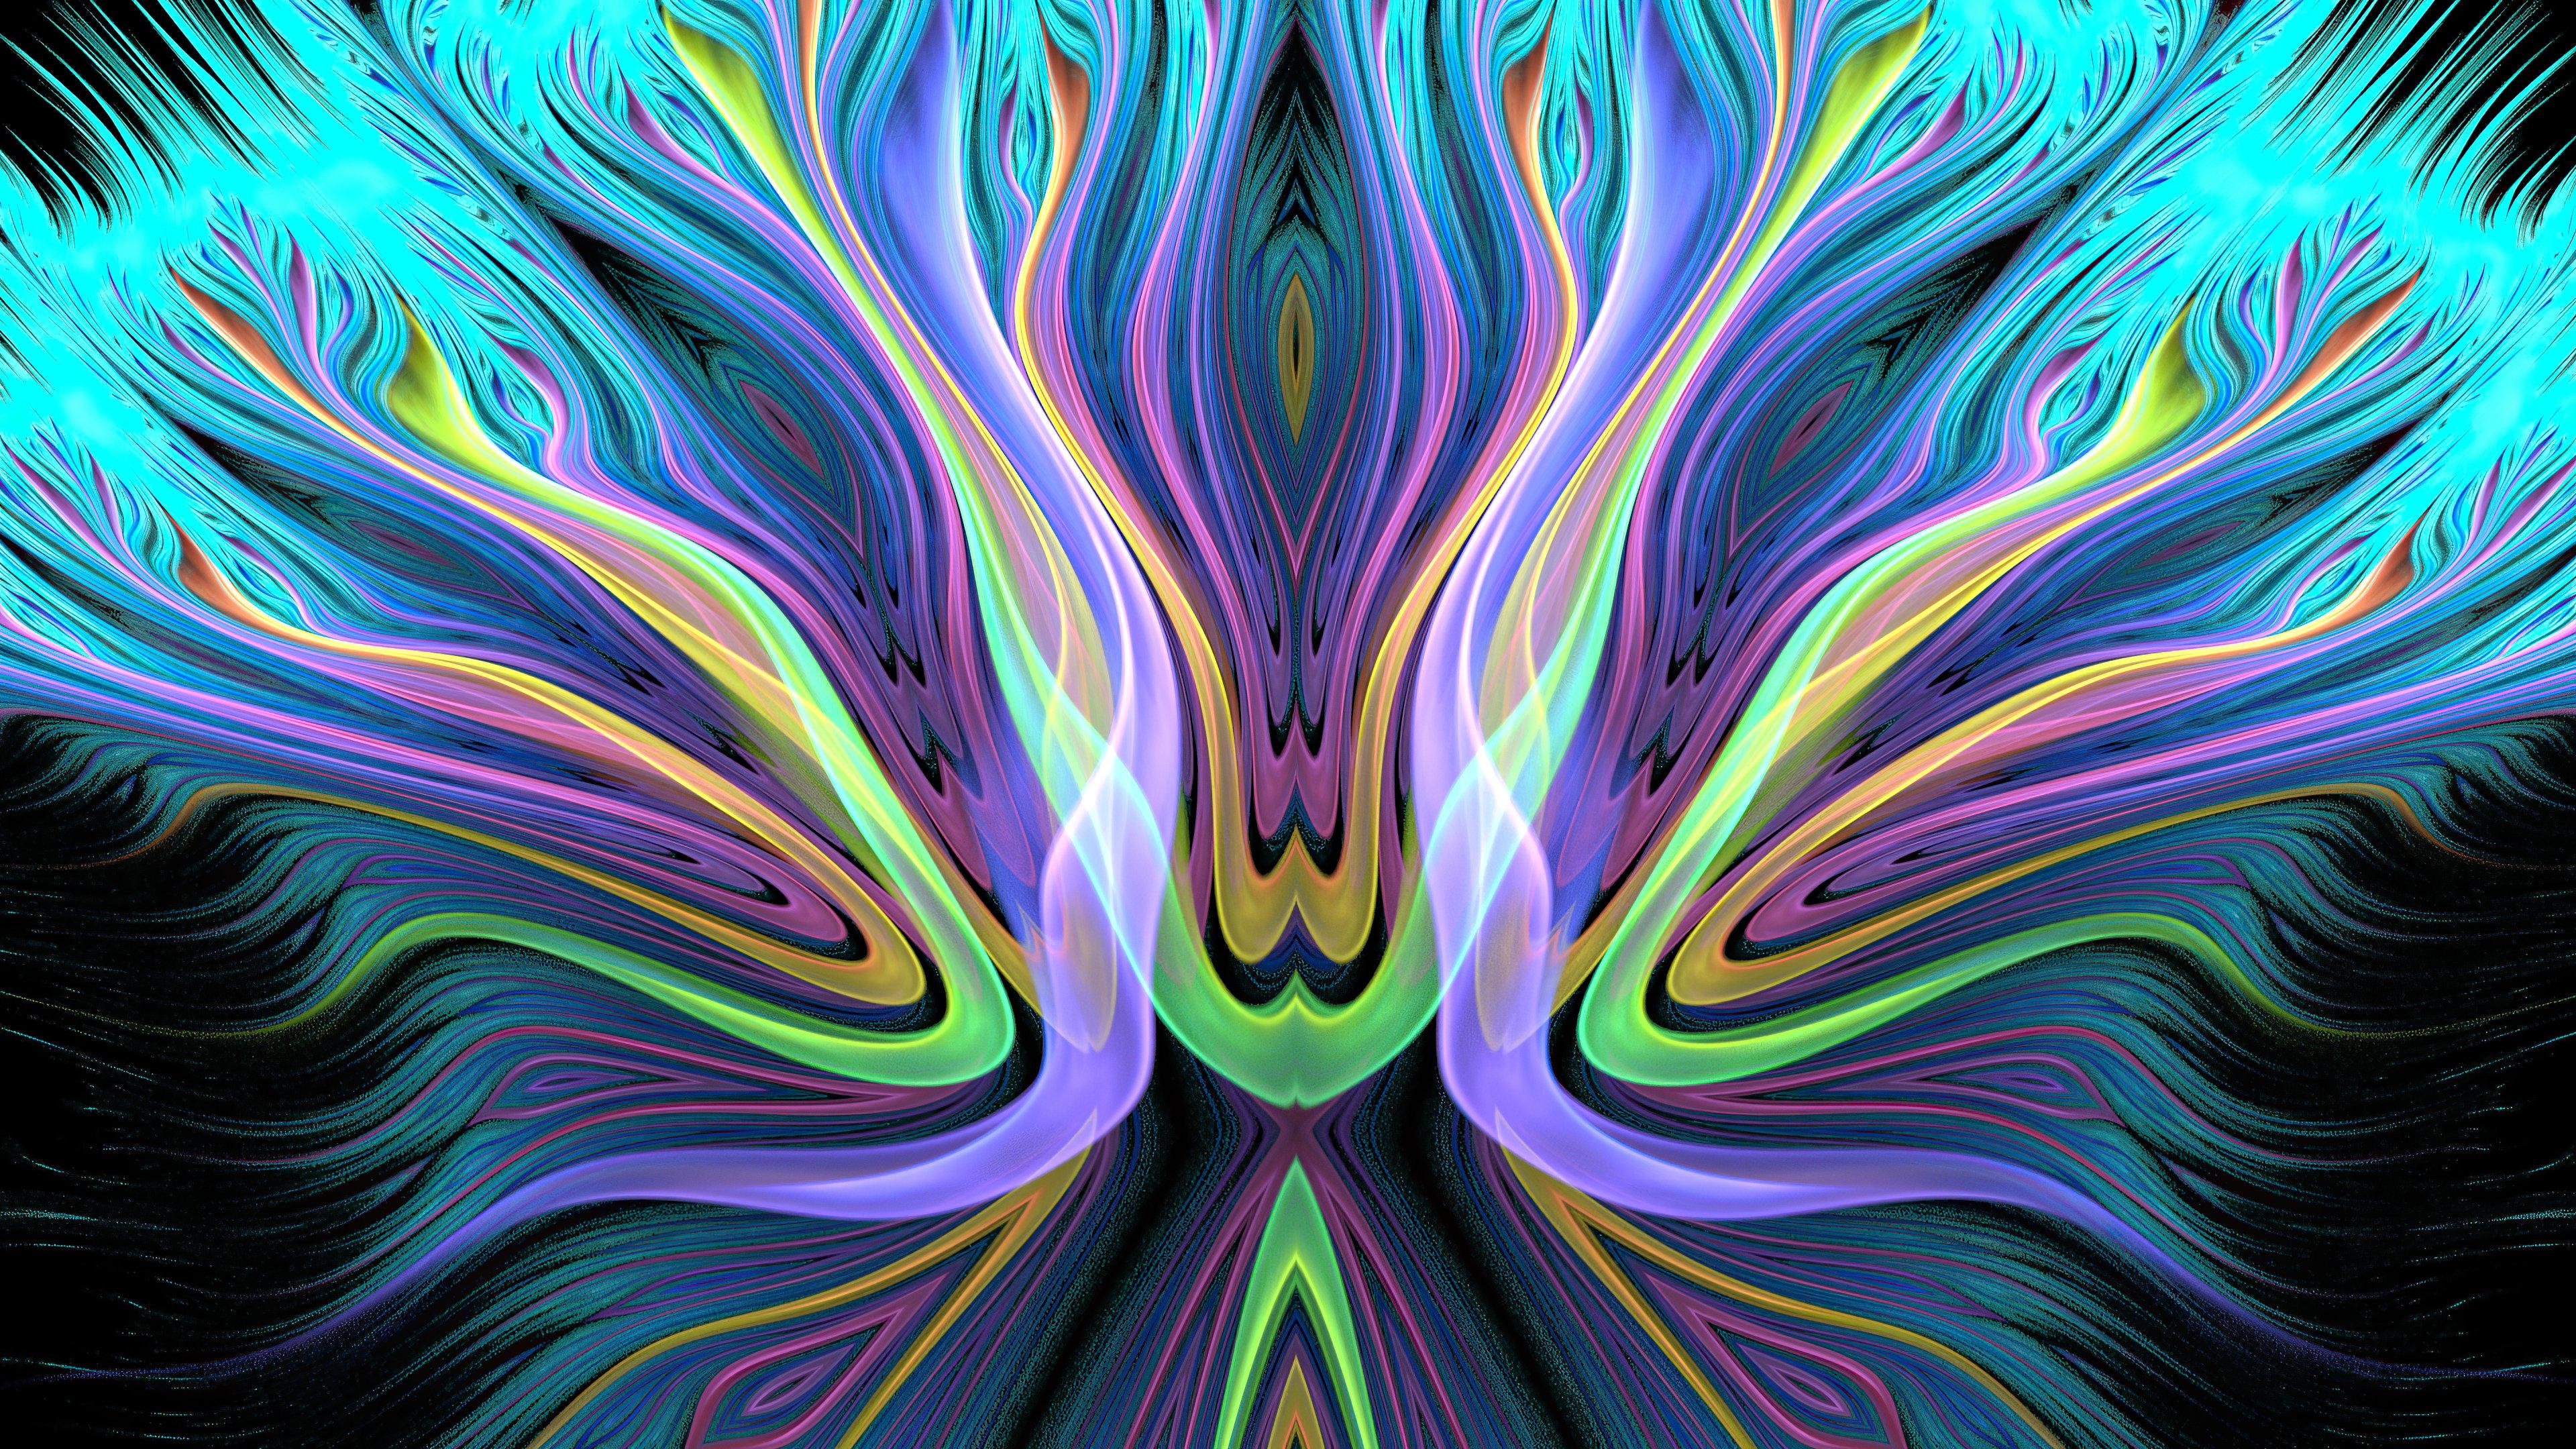 Fondos de pantalla Patrón colorido abstracto